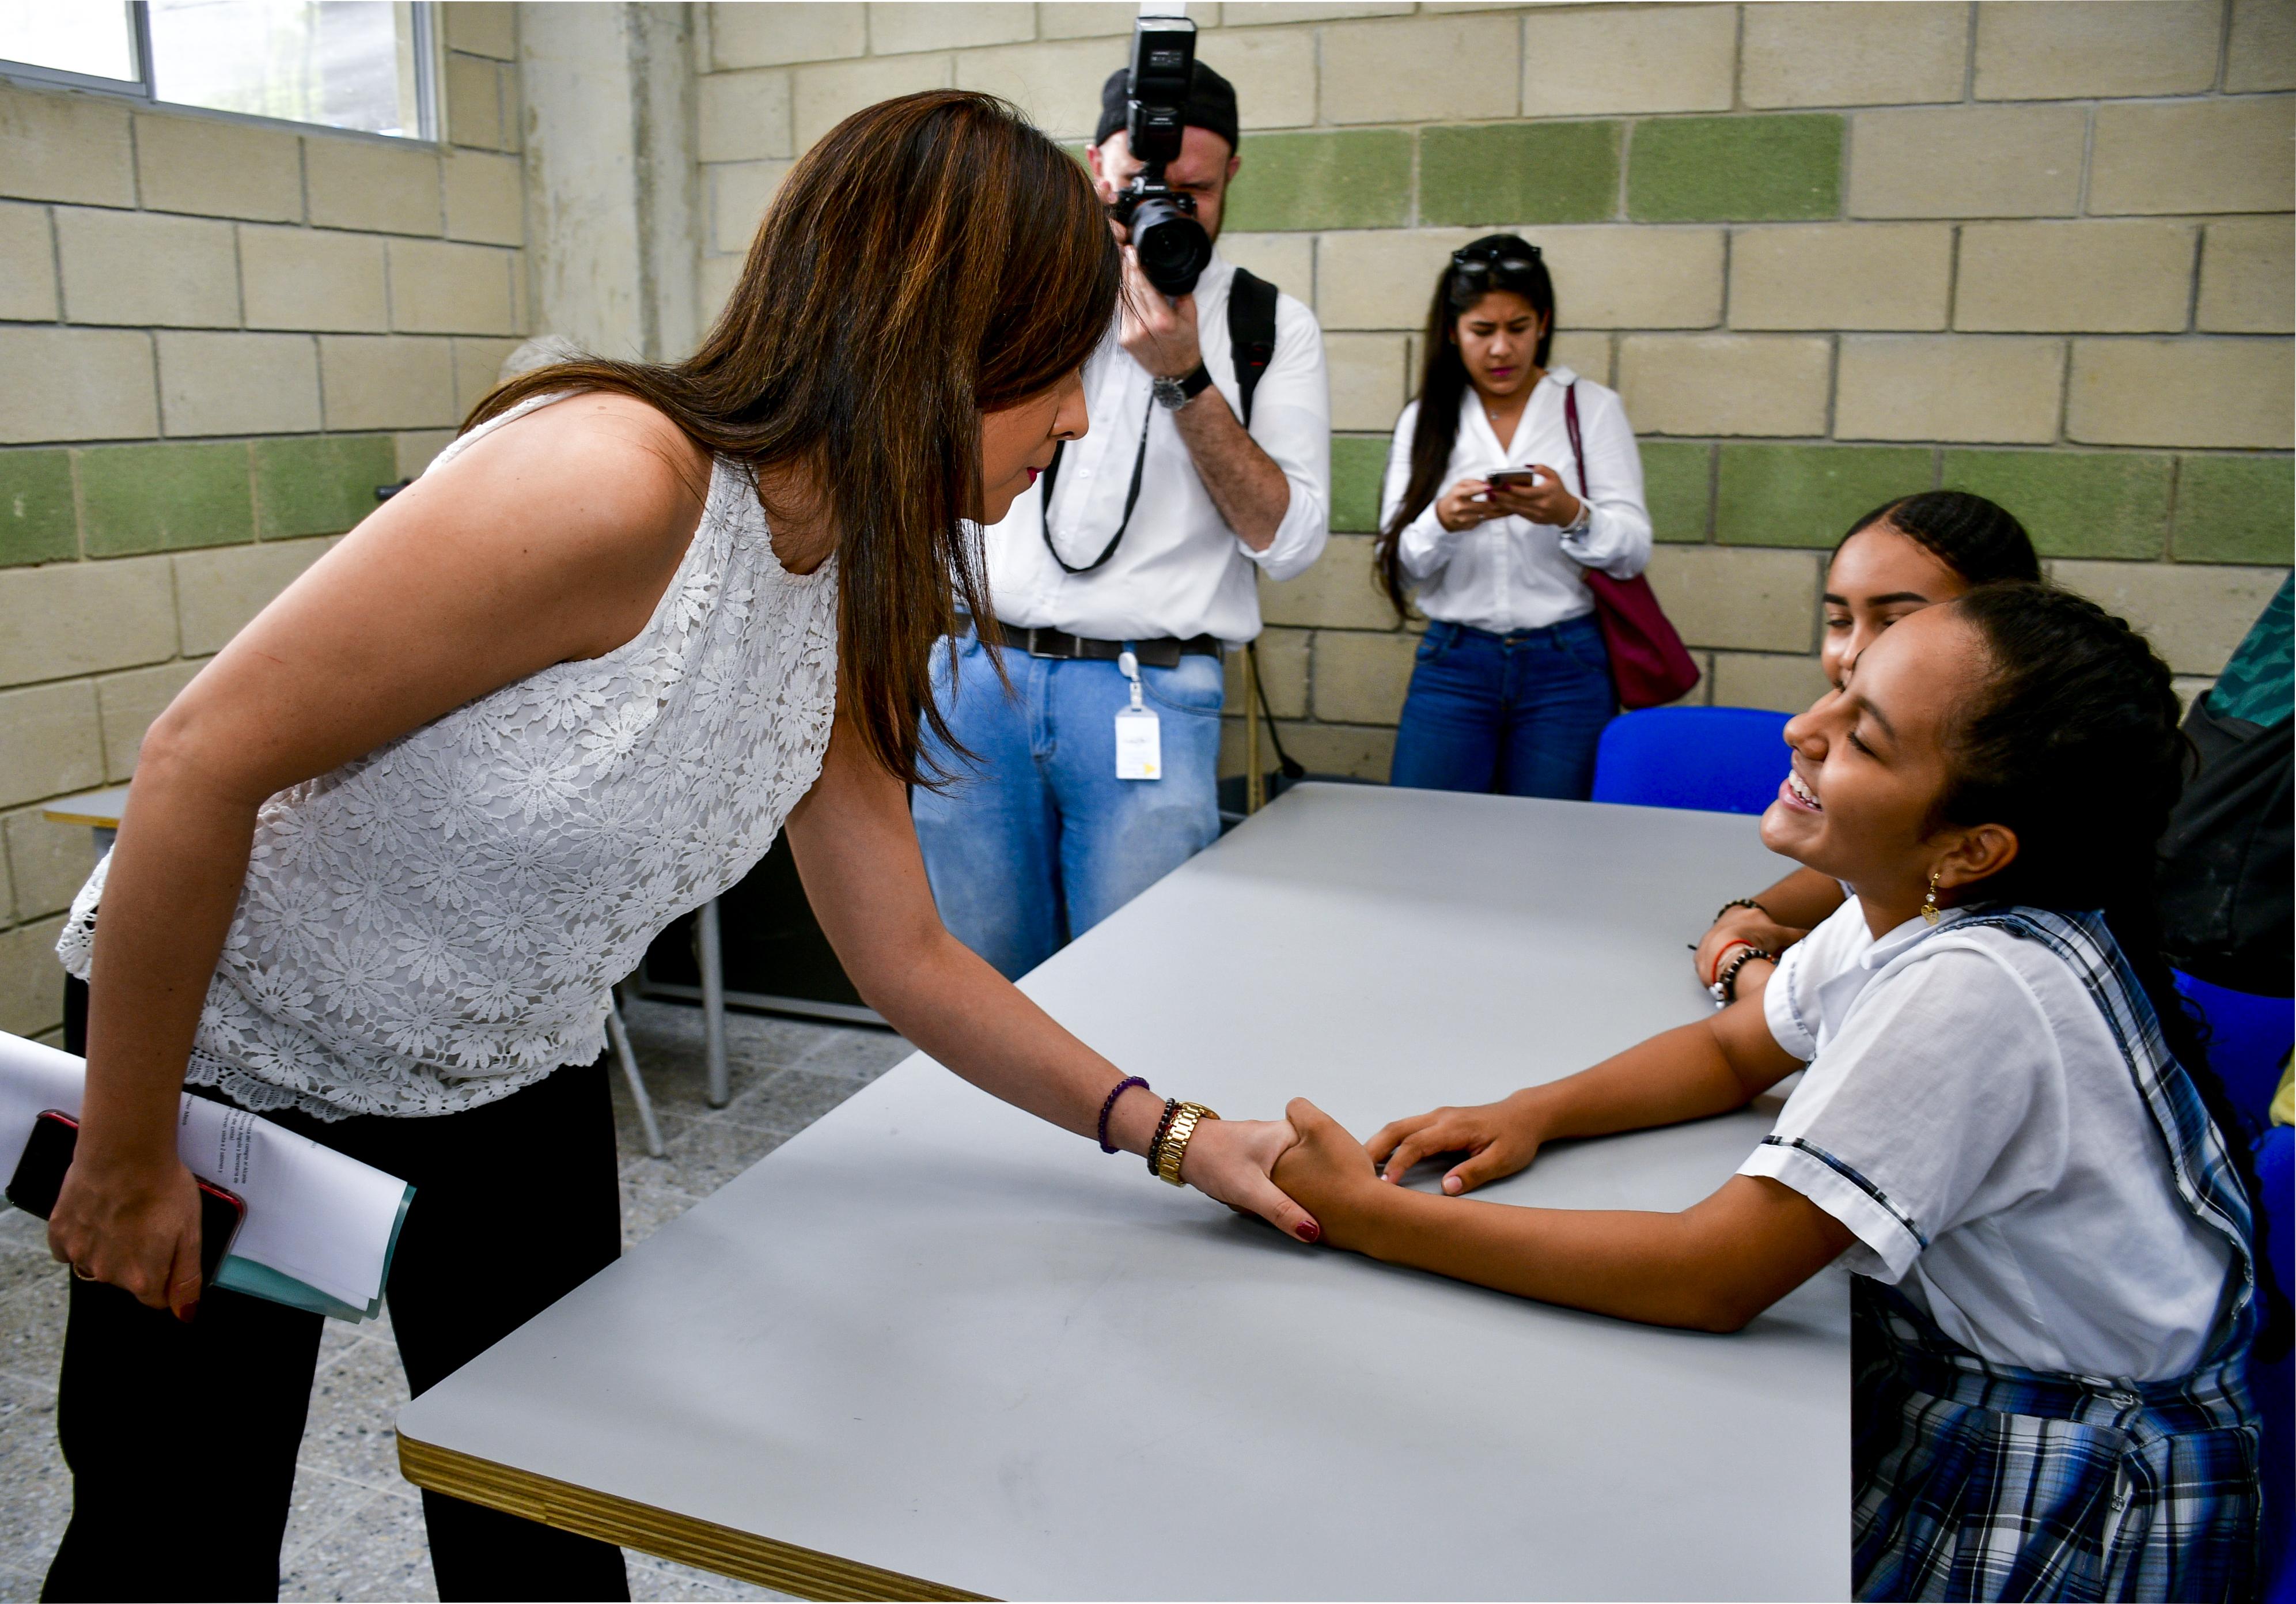 La ministra saluda a una estudiante del colegio Rodolfo Llinás Riascos, entregado en días pasados.